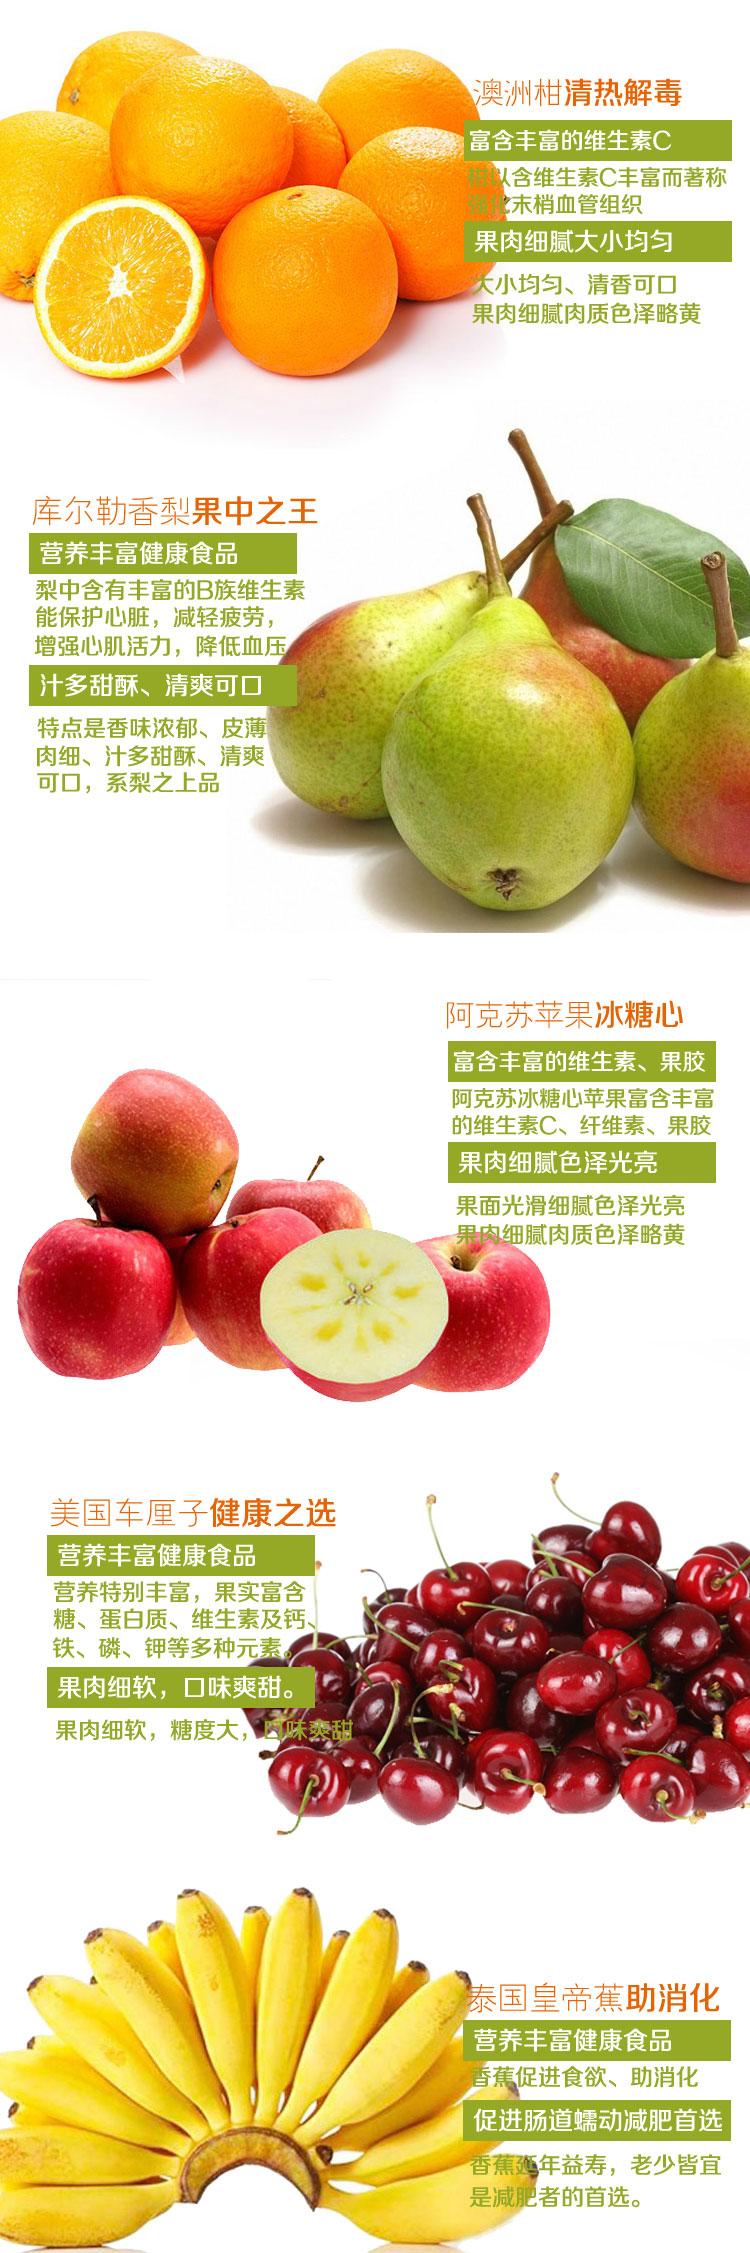 水果C副本_03